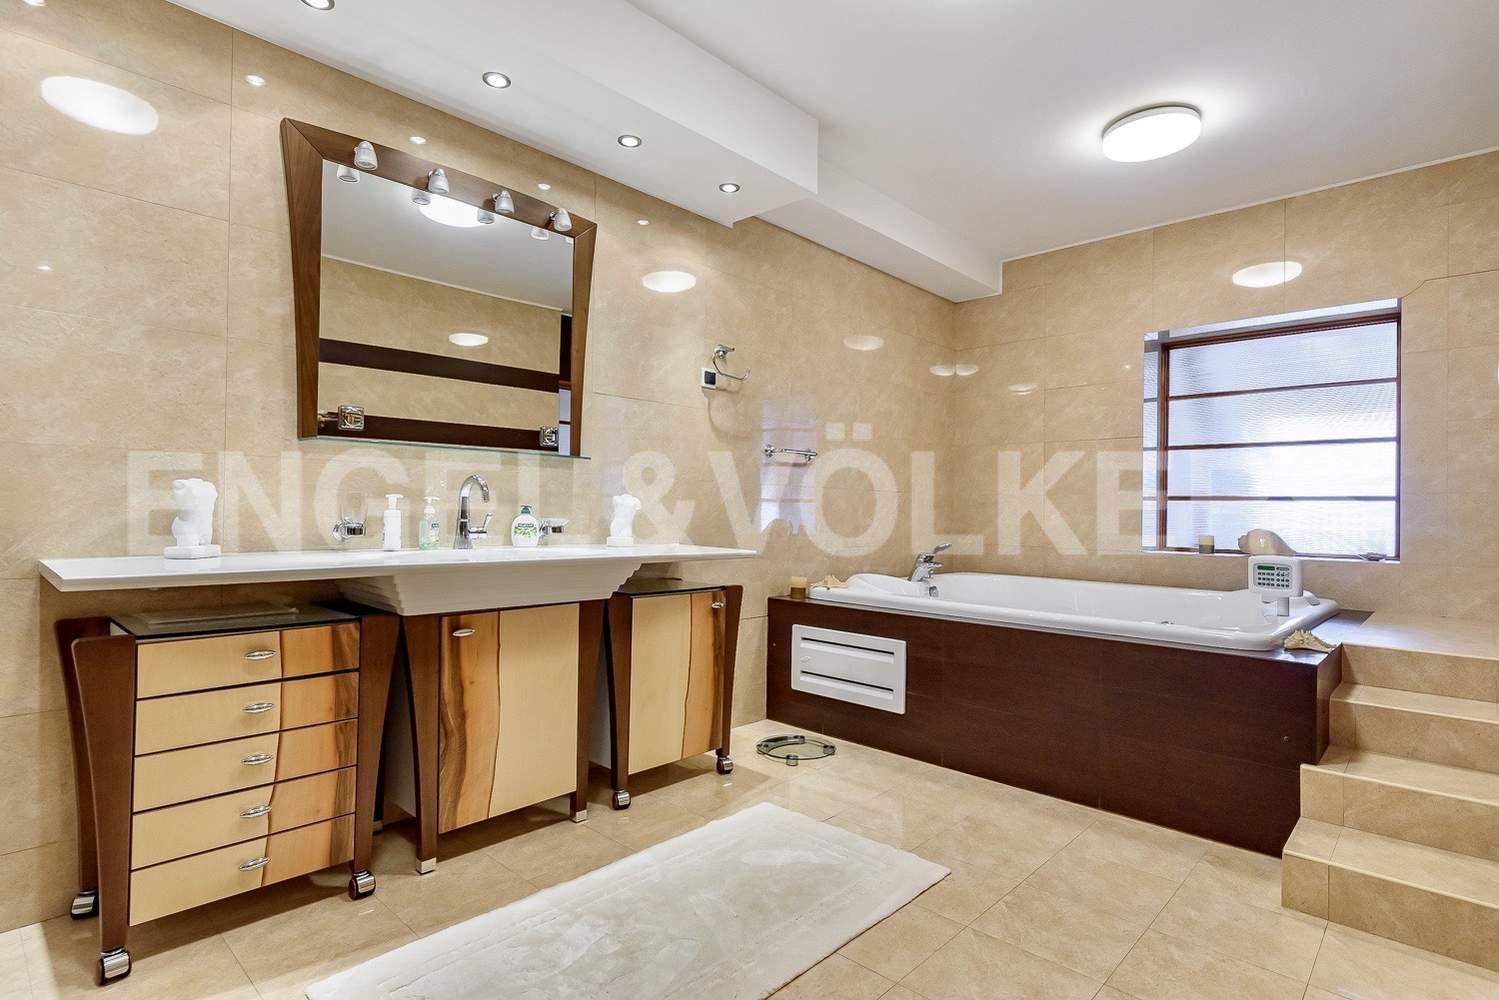 Элитные квартиры в Центральном районе. Санкт-Петербург, Итальянская ул., 4. Ванная комната